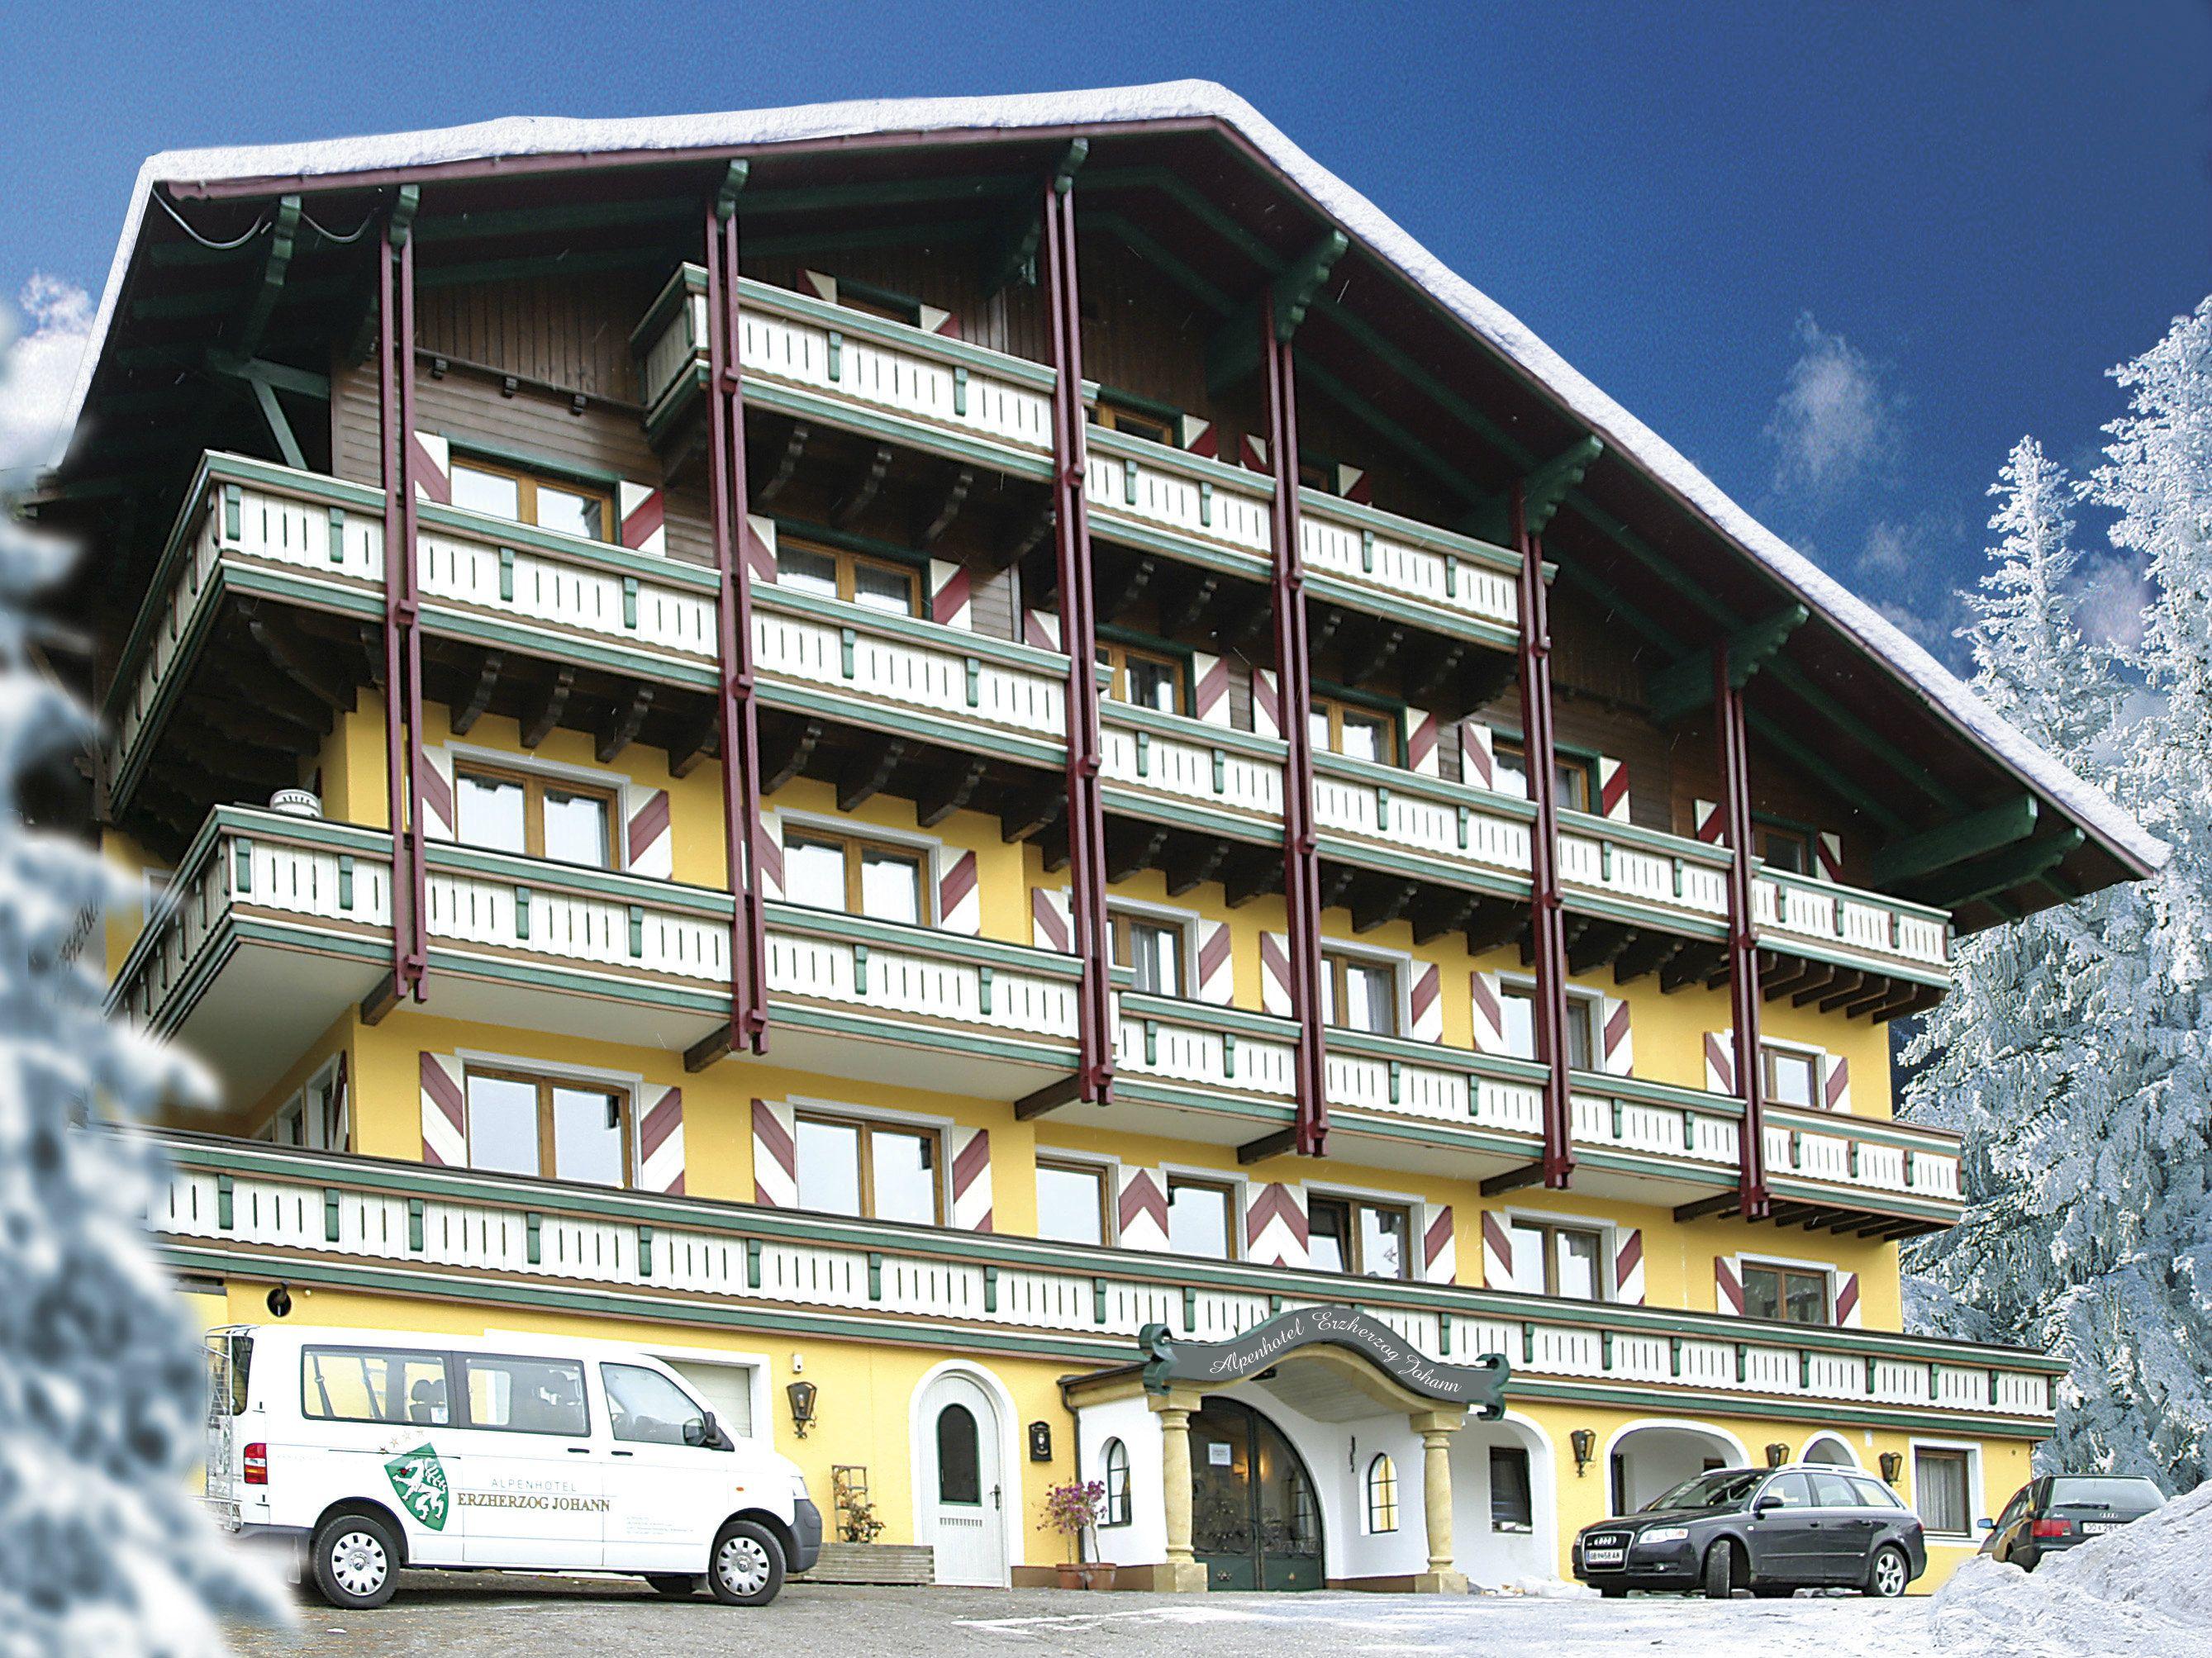 Appartement Erzherzog Johann - 8-10 personen